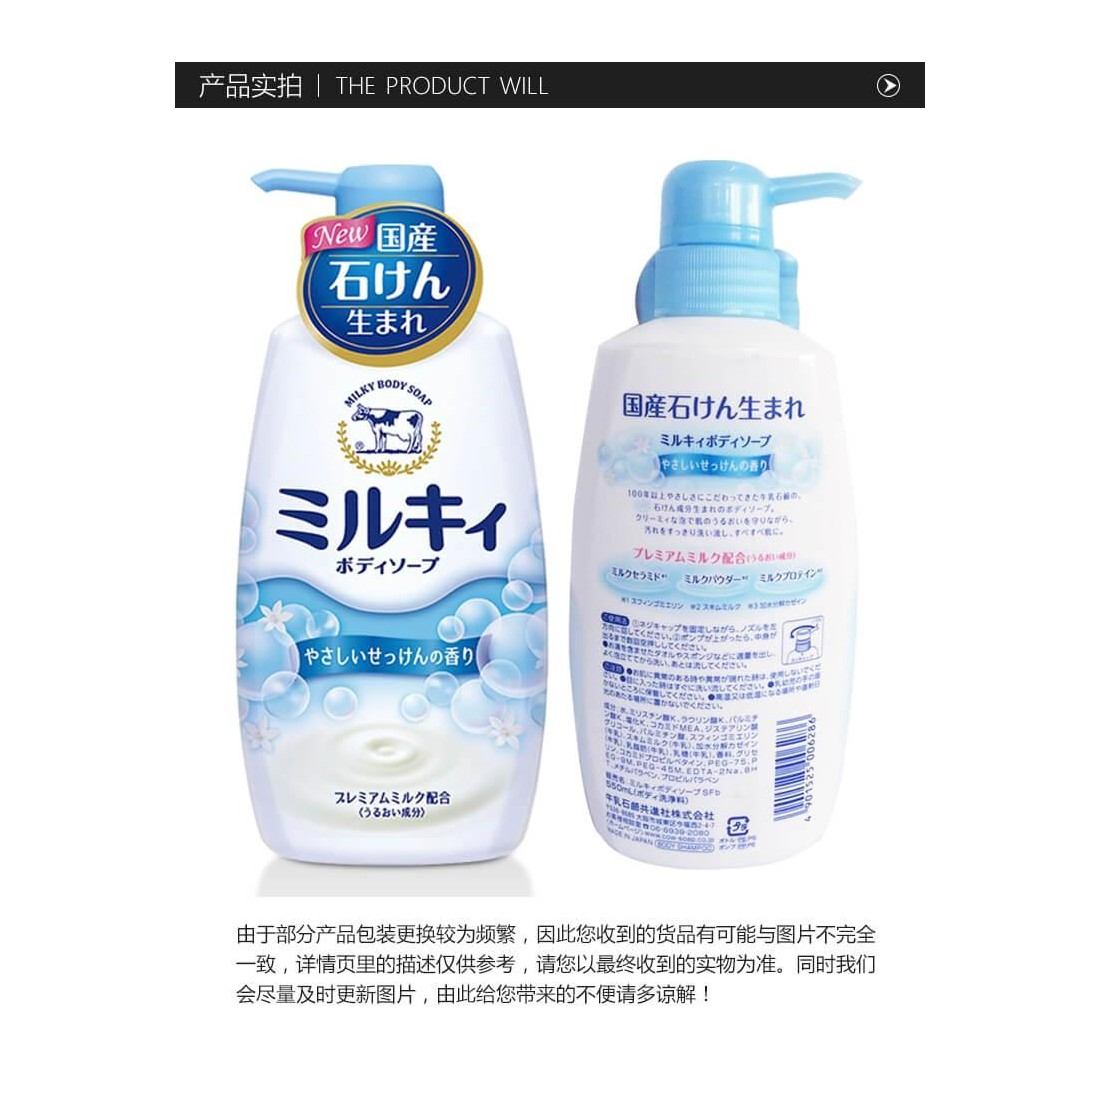 Sữa tắm Milky hương hoa cỏ (550ml)-Thế giới đồ gia dụng HMD